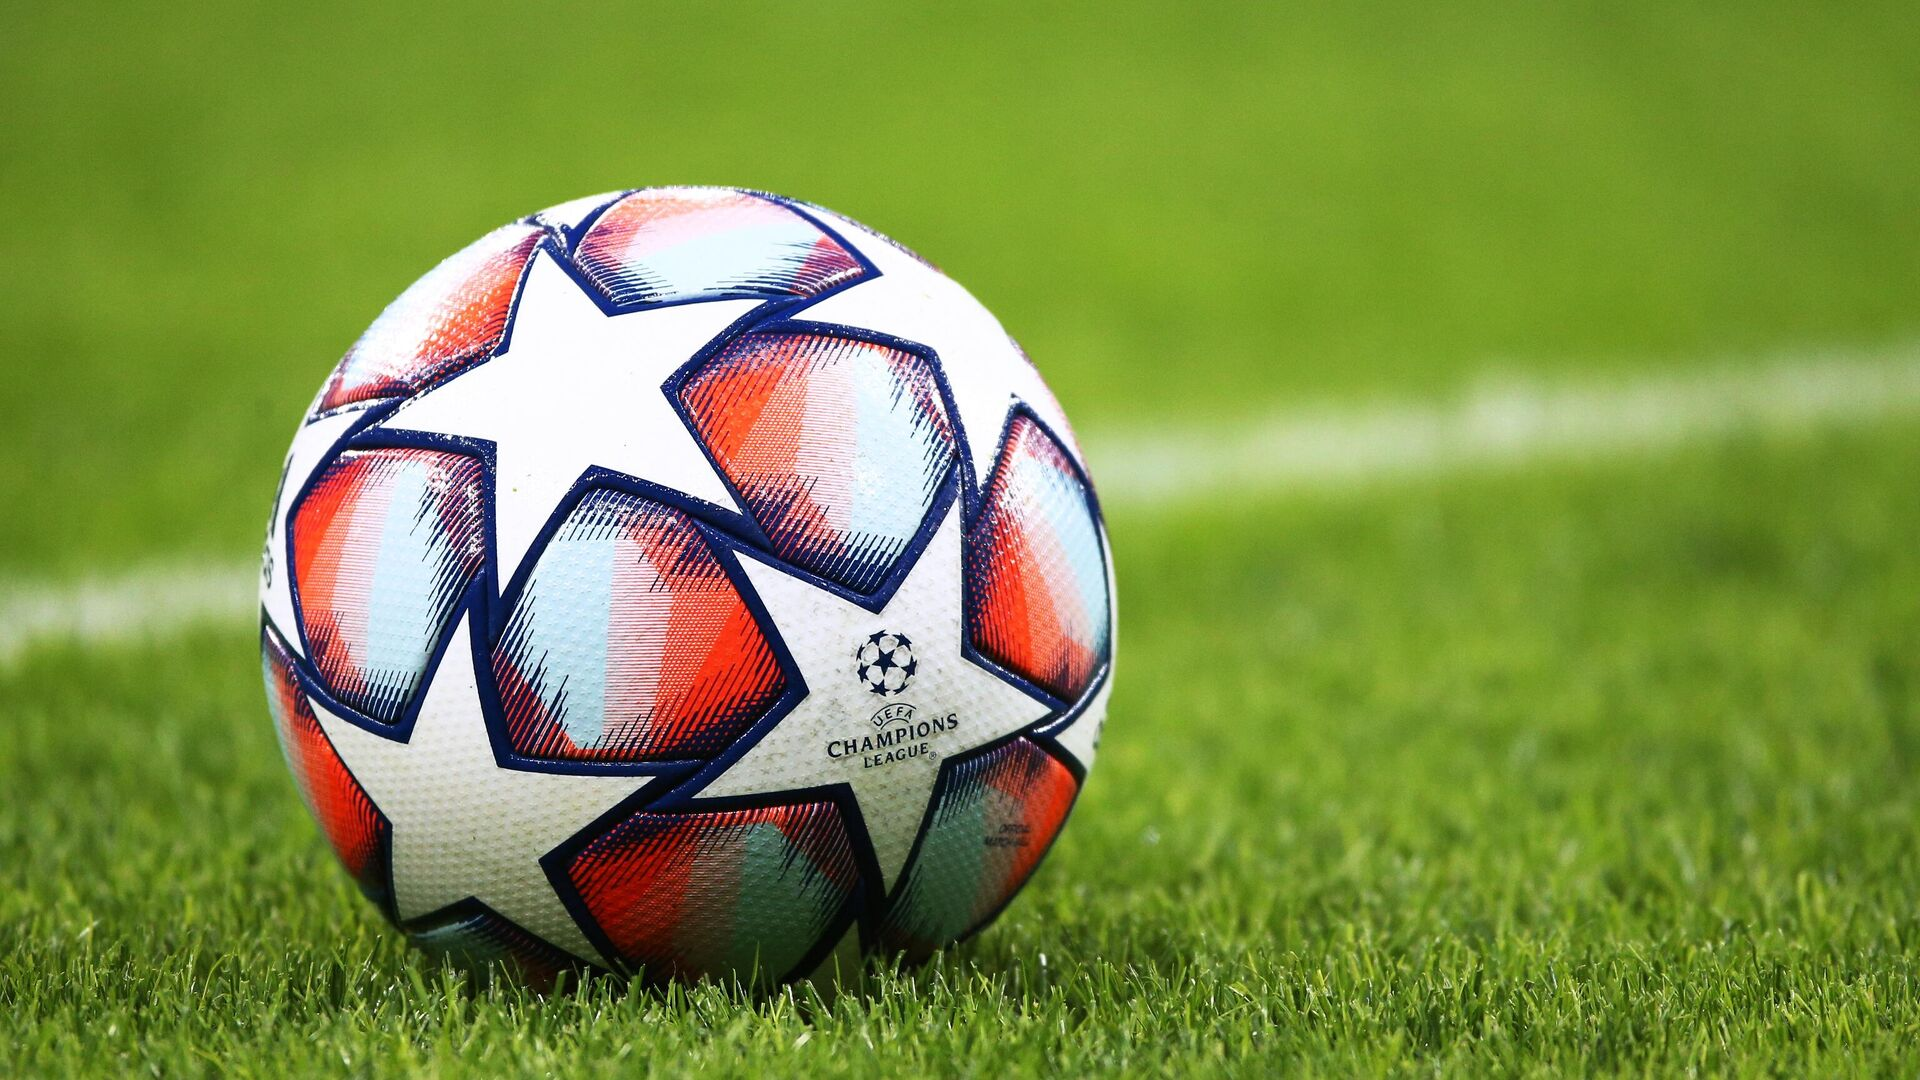 Мяч футбольной Лиги чемпионов - РИА Новости, 1920, 16.07.2021